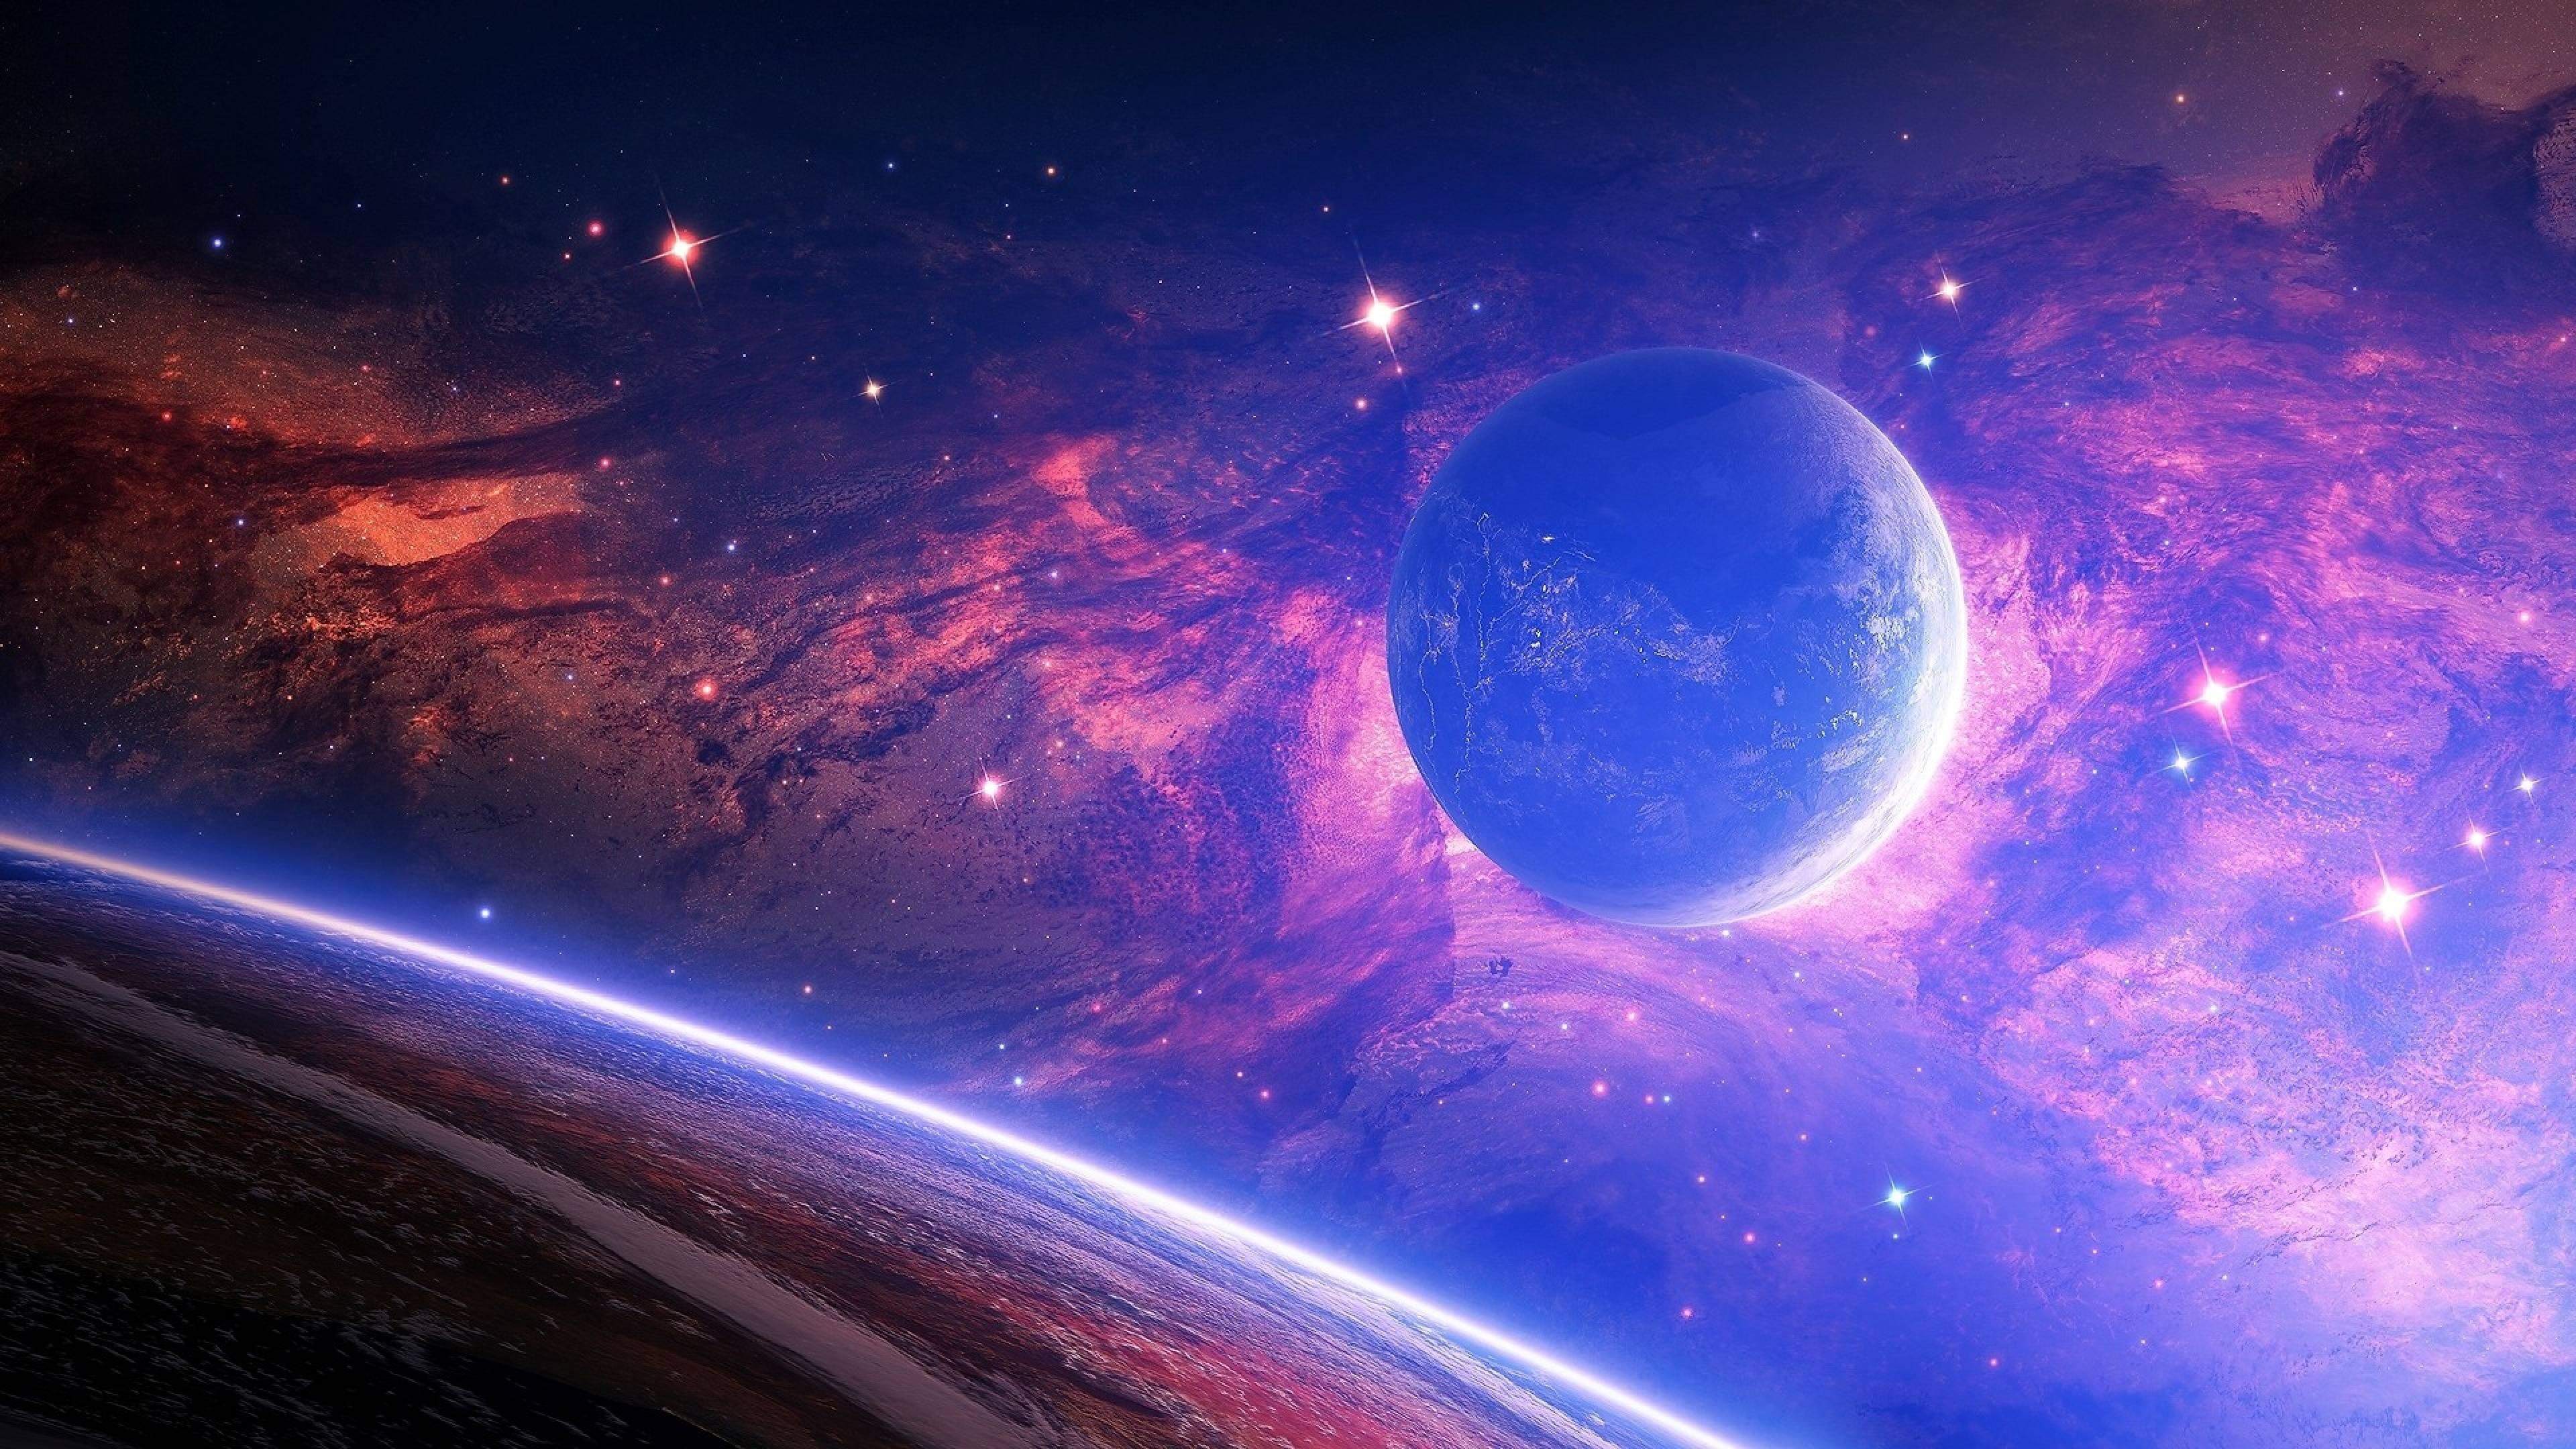 Обои Свечение за планетами картинки на рабочий стол на тему Космос - скачать  № 1772769  скачать